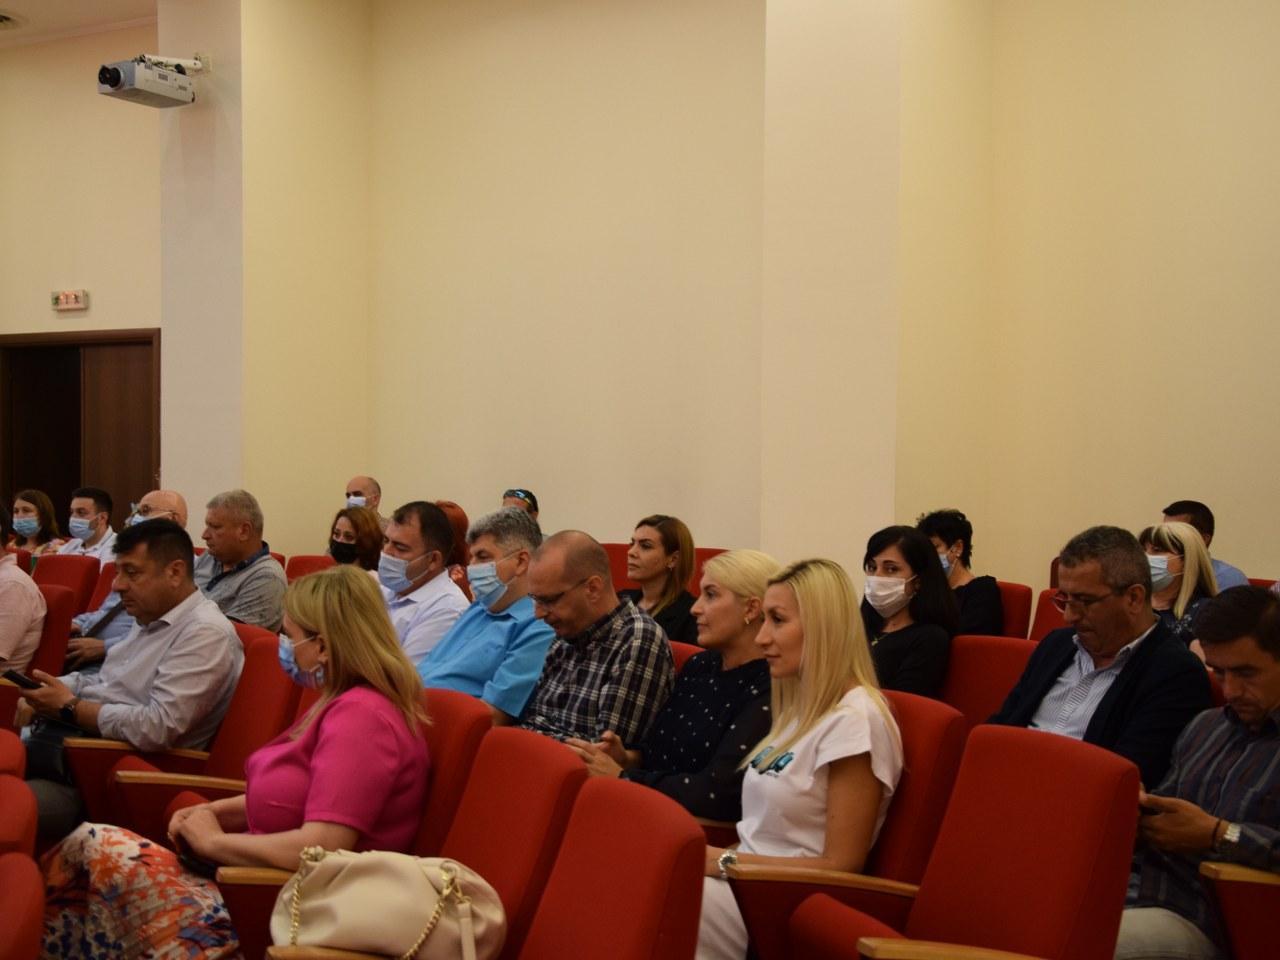 https://www.cjd.ro/storage/comunicate-de-presa/02-07-2021/4928/a-fost-semnat-contractul-de-delegare-a-gestiunii-serviciului-de-colectare-si-transport-al-deseurilor-municipale-in-judetul-dambovita-17.JPG